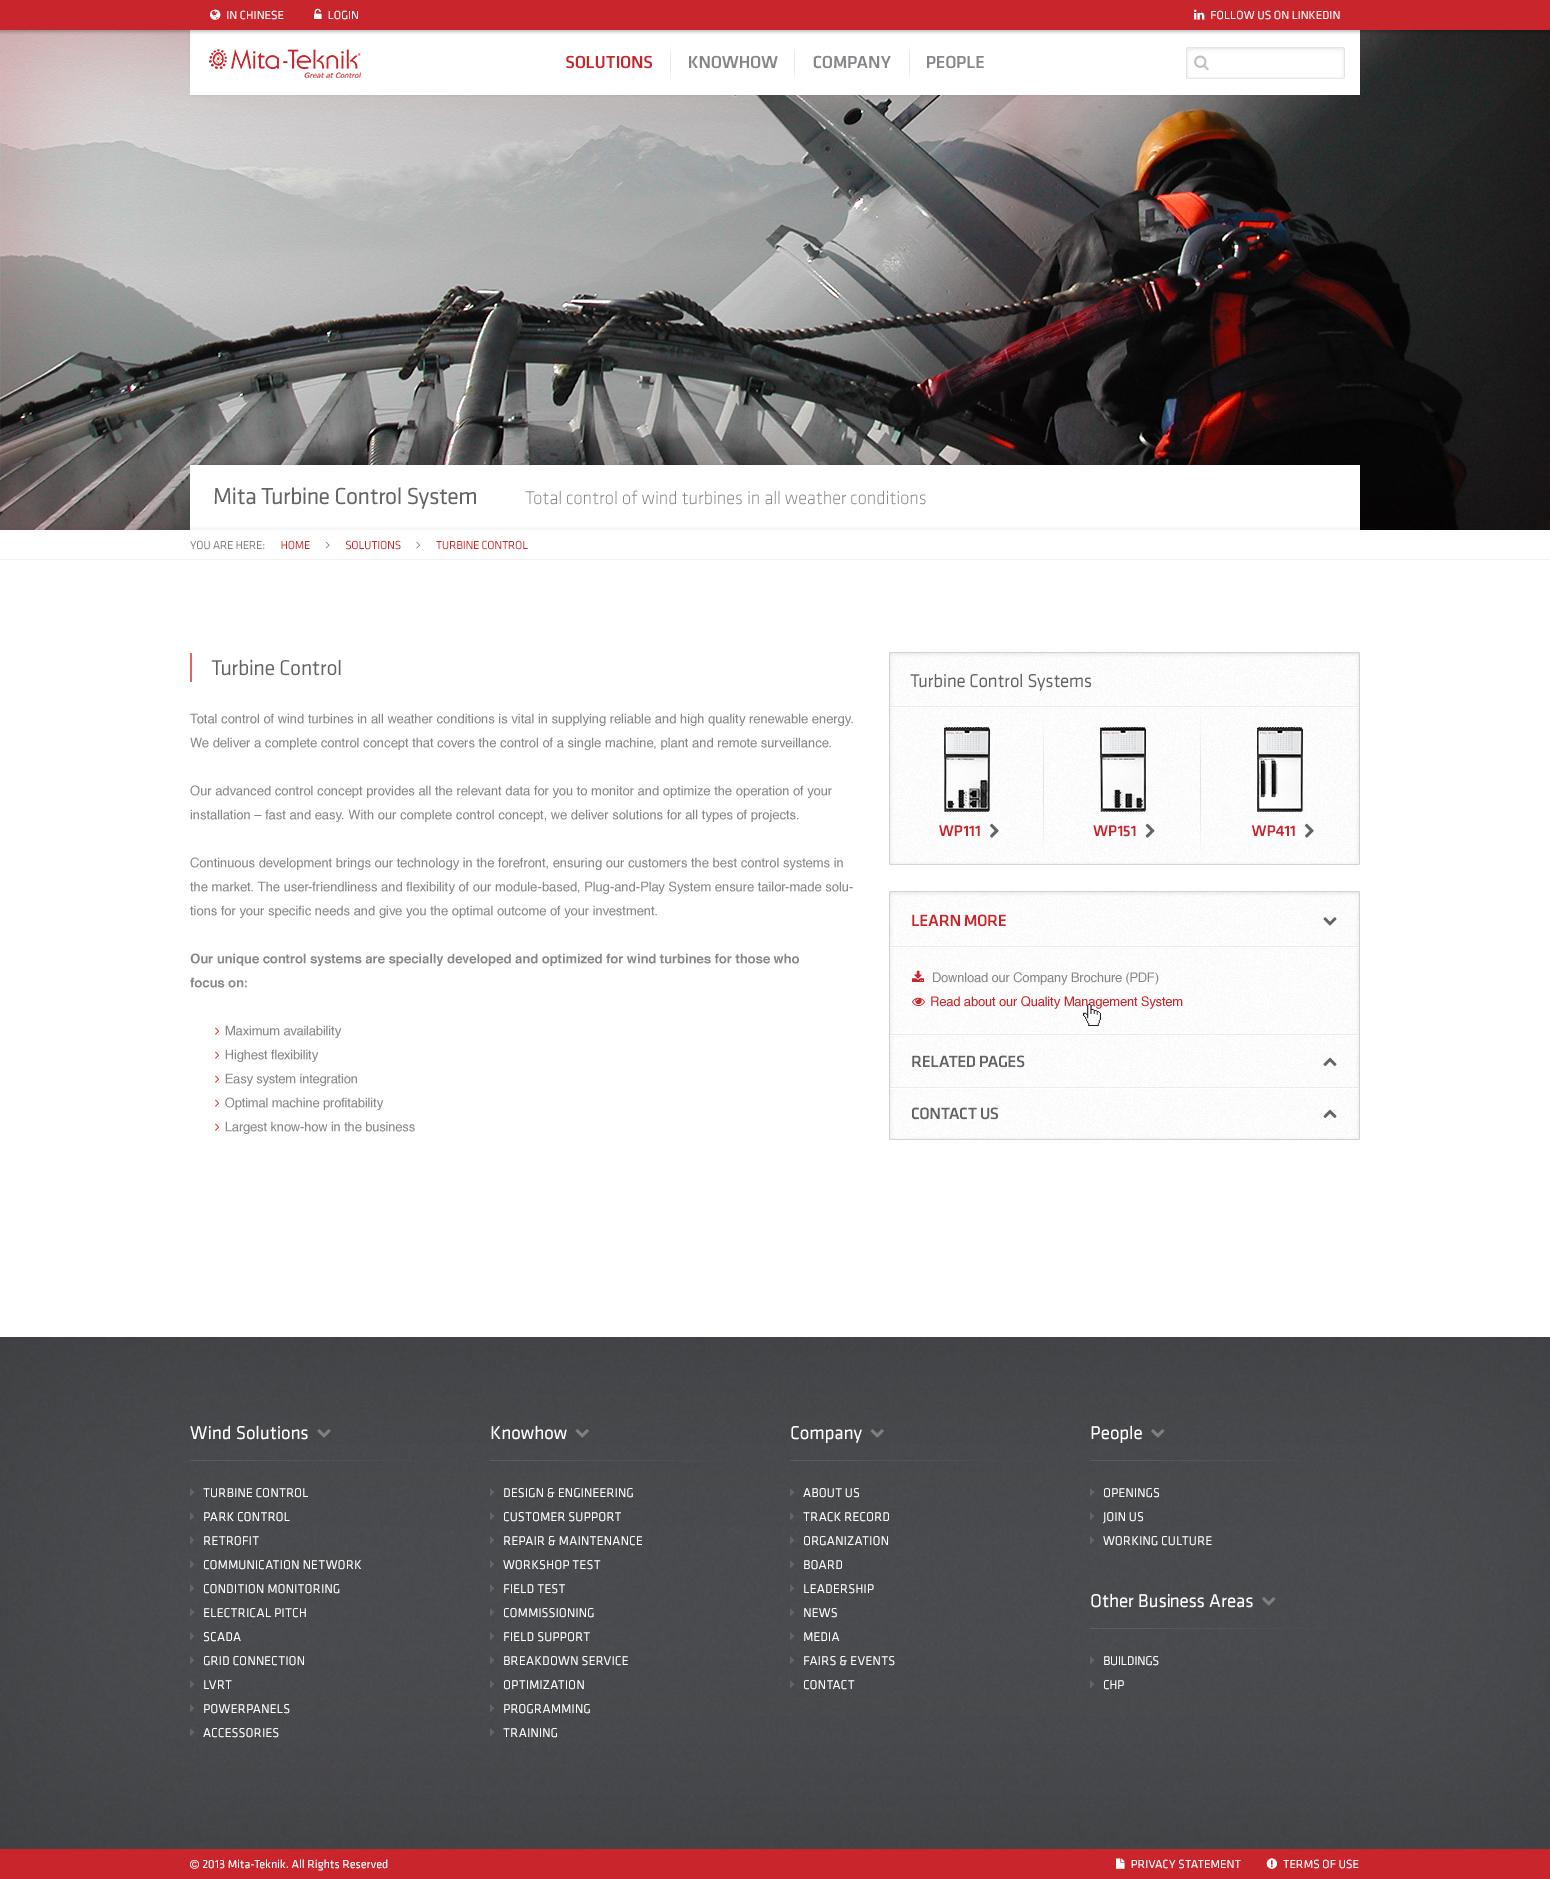 Billede der viser design af en underside på MITA Tekniks hjemmeside